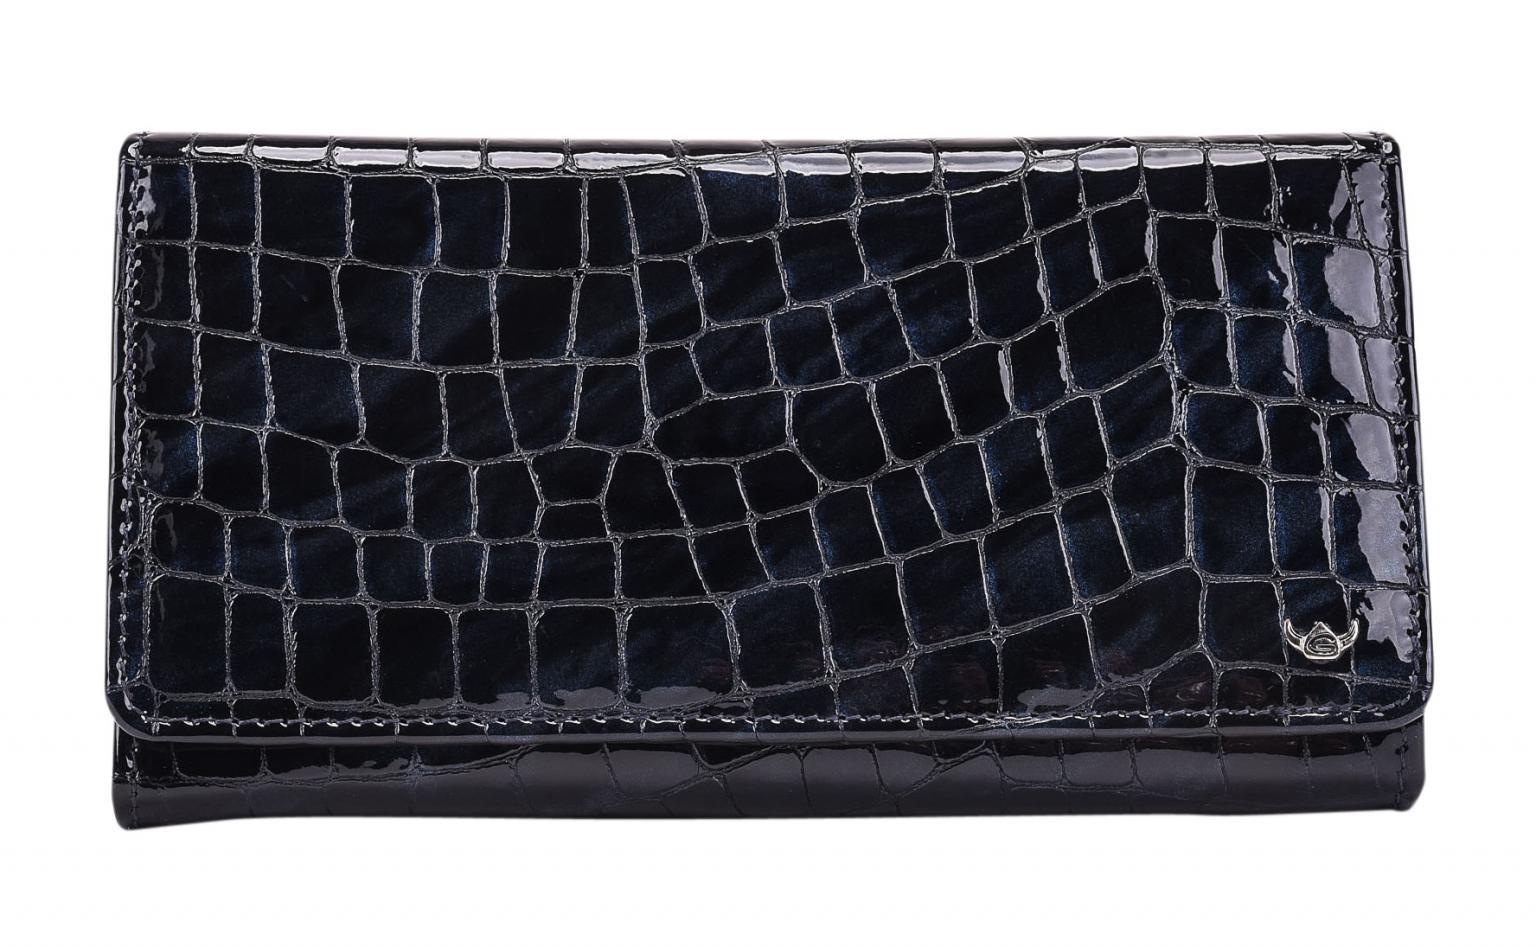 Golden Head Cayenne Überschlagbörse nachtblau Lack Kroko